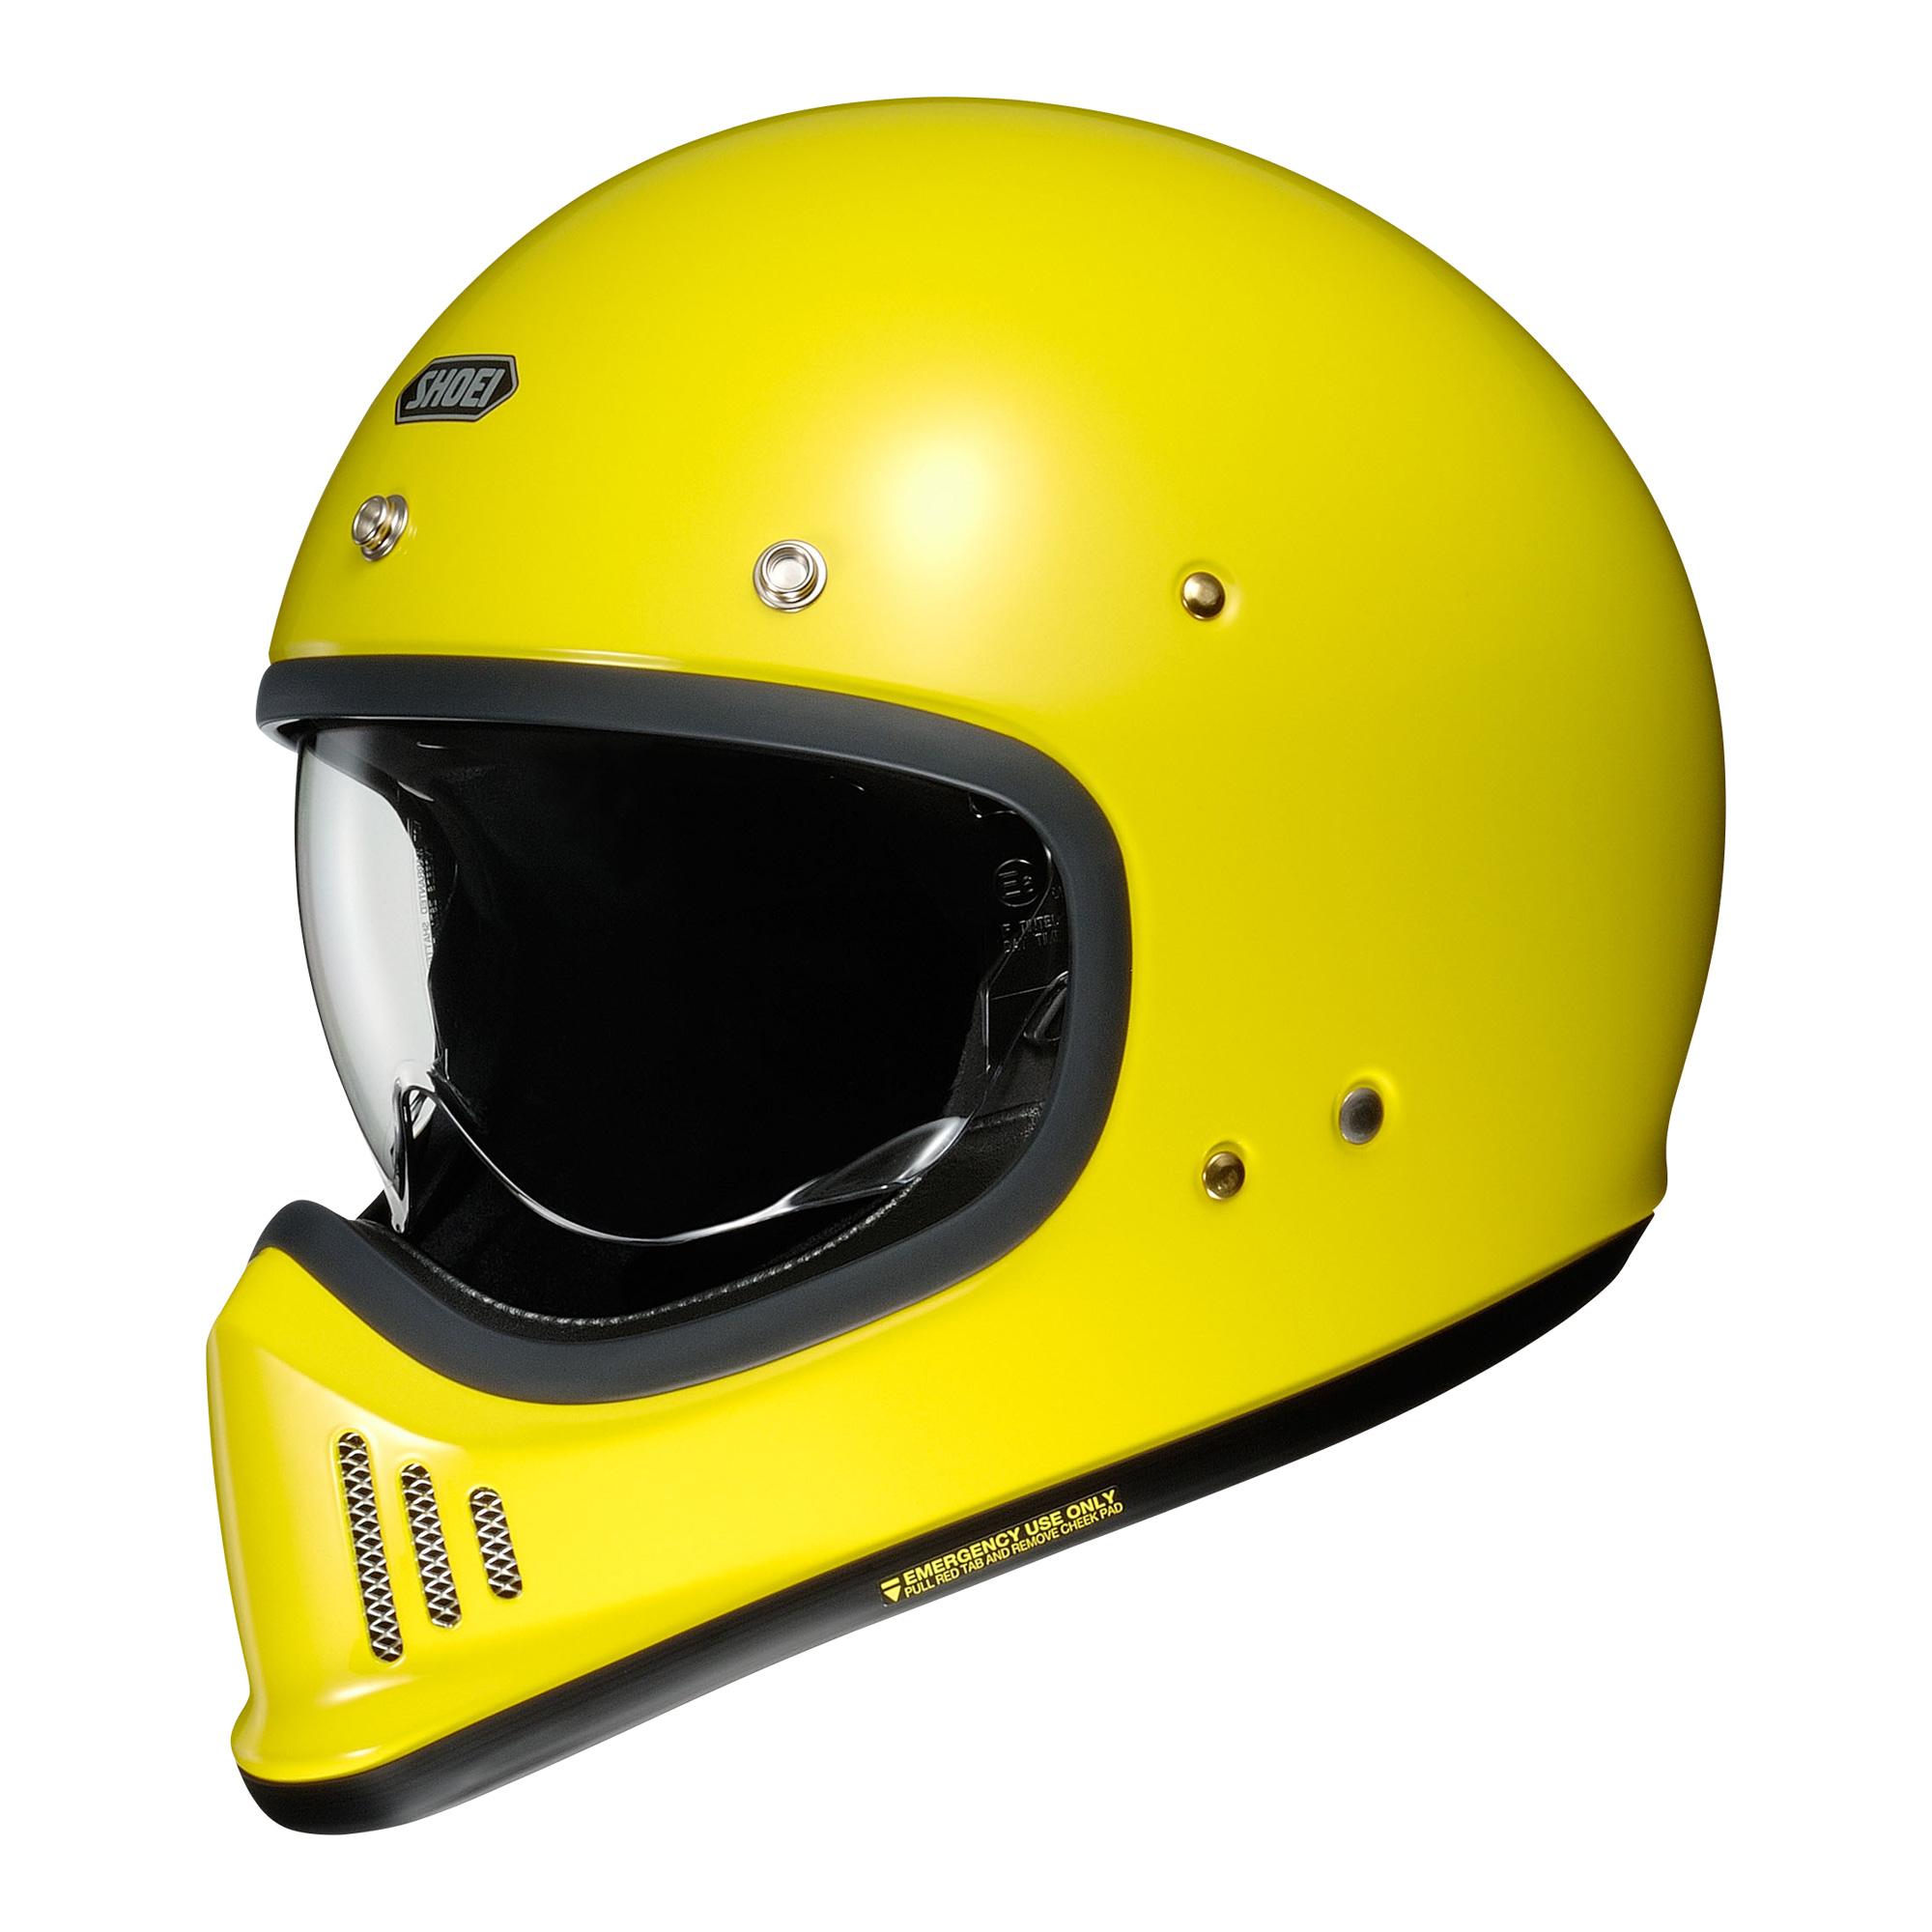 Shoei EX-Zero br.yellow